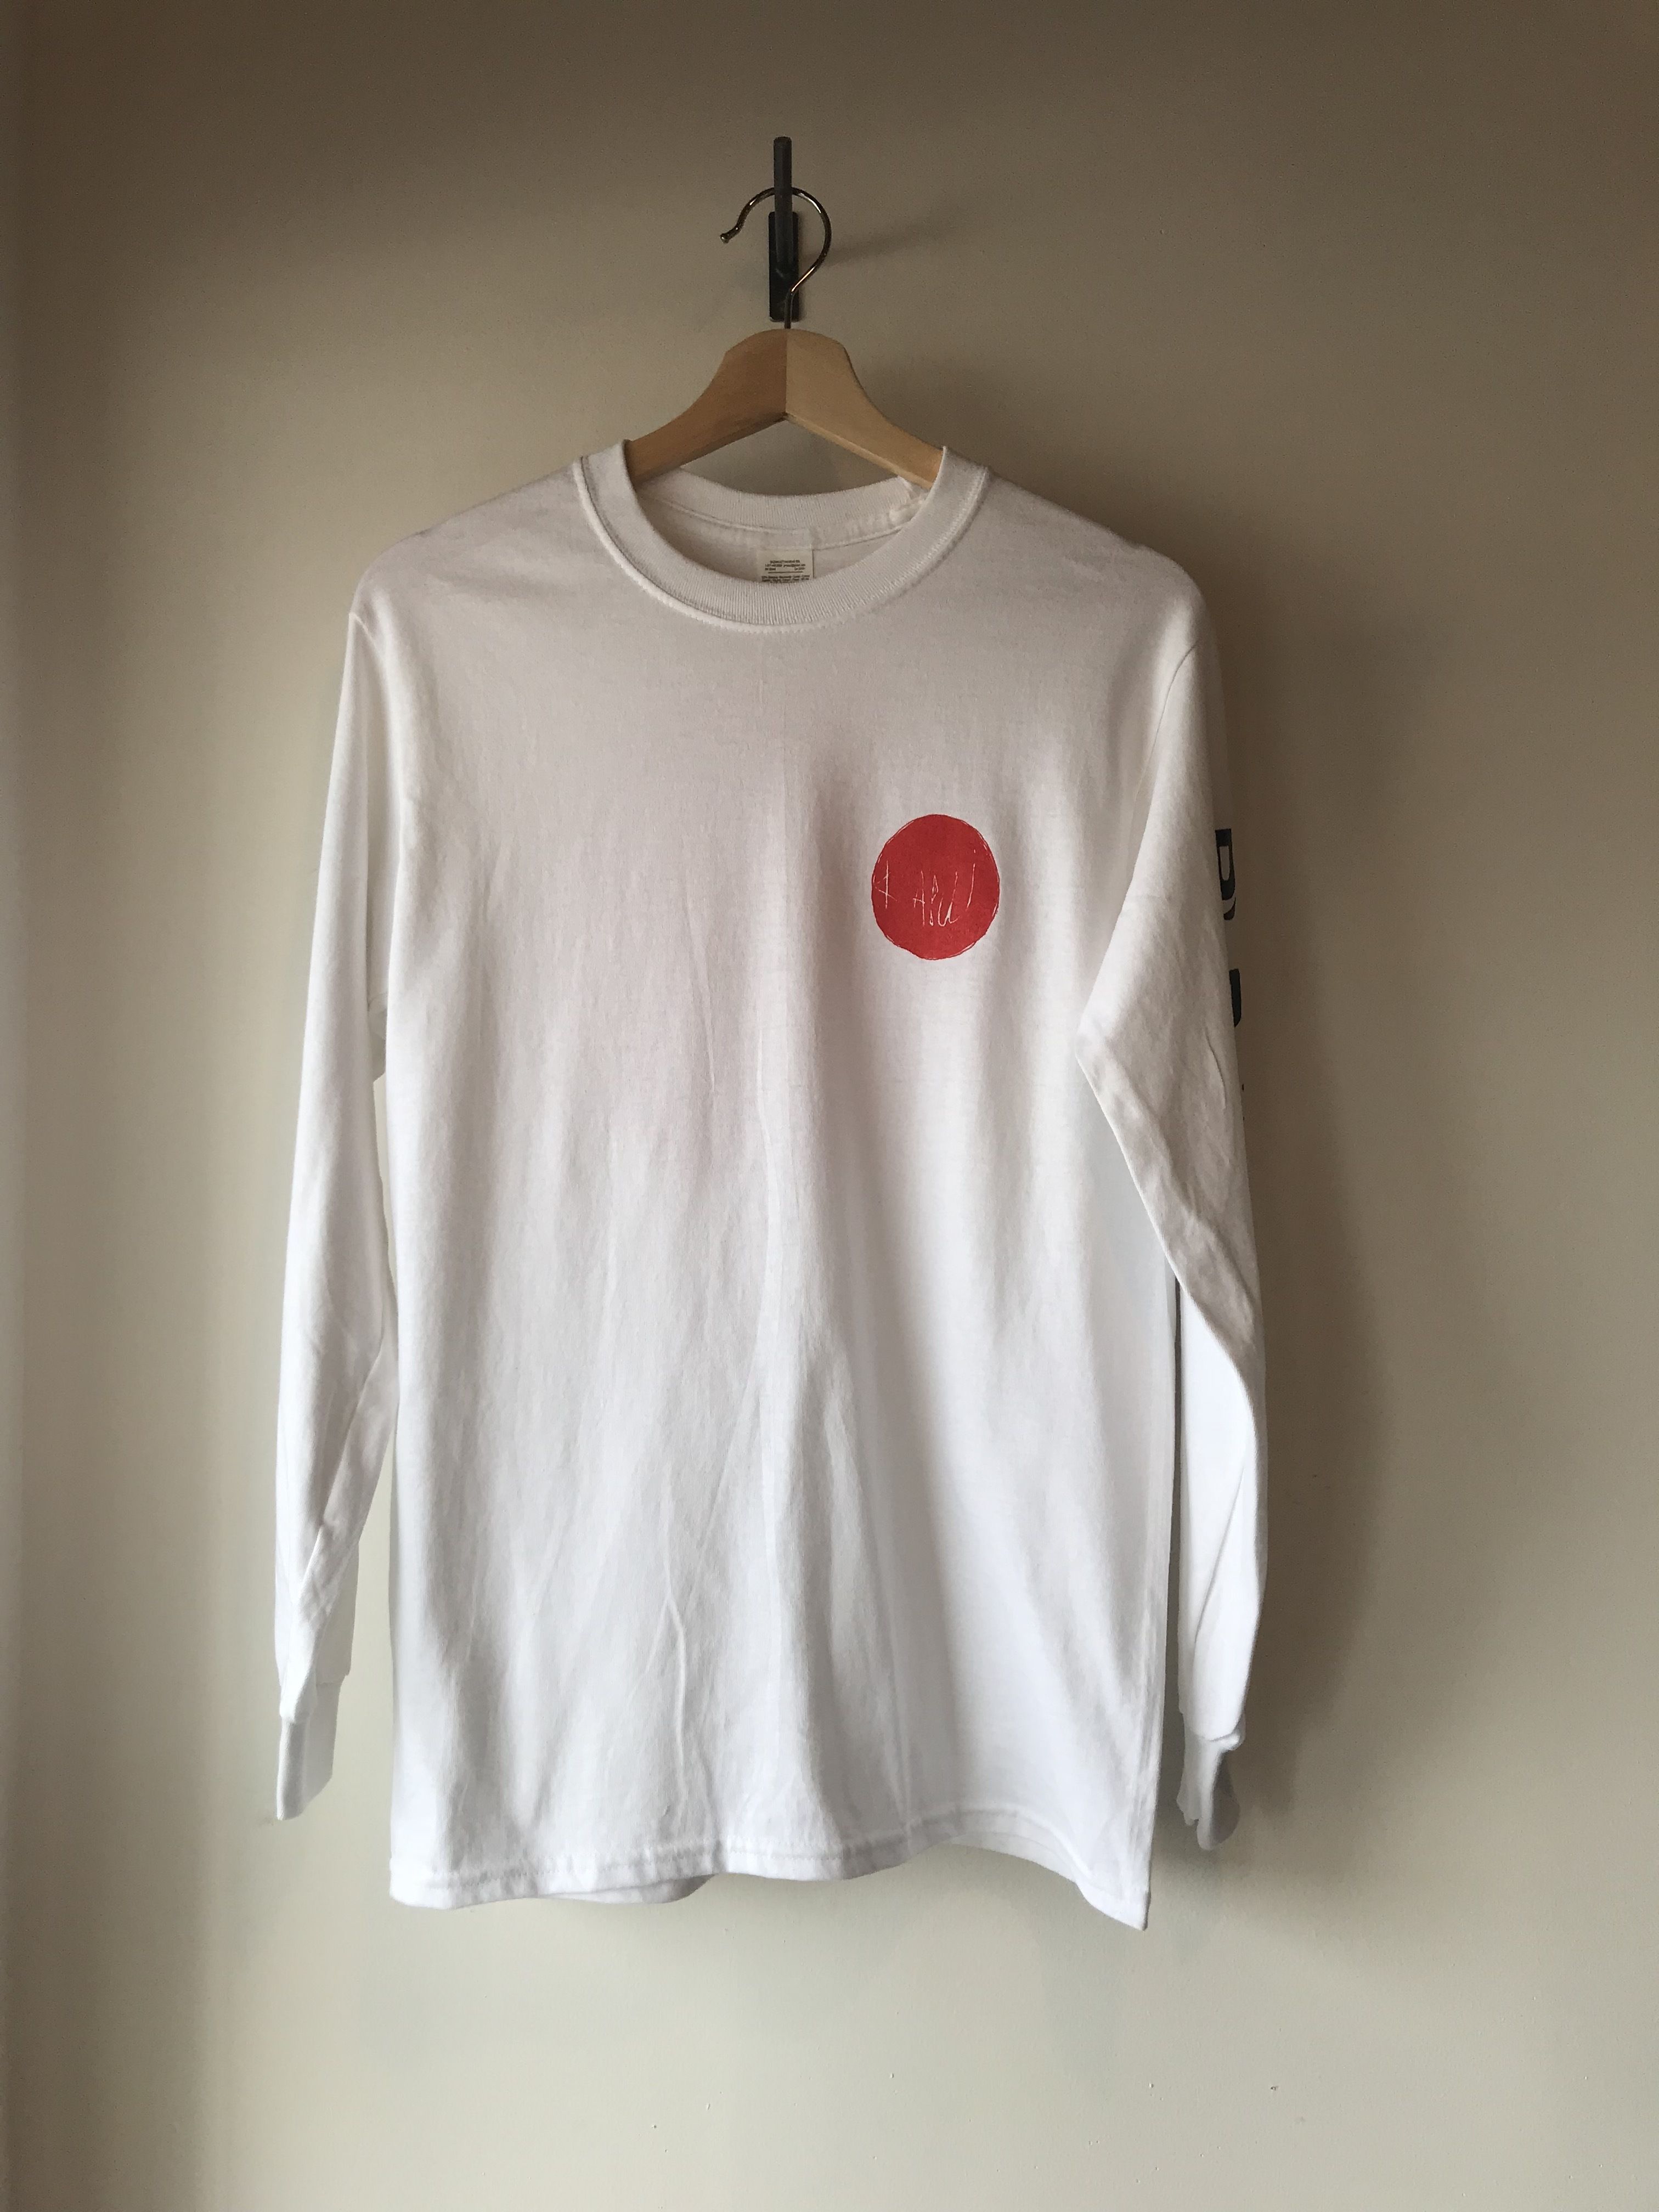 kabui オリジナル 日の丸 ロンT ホワイト